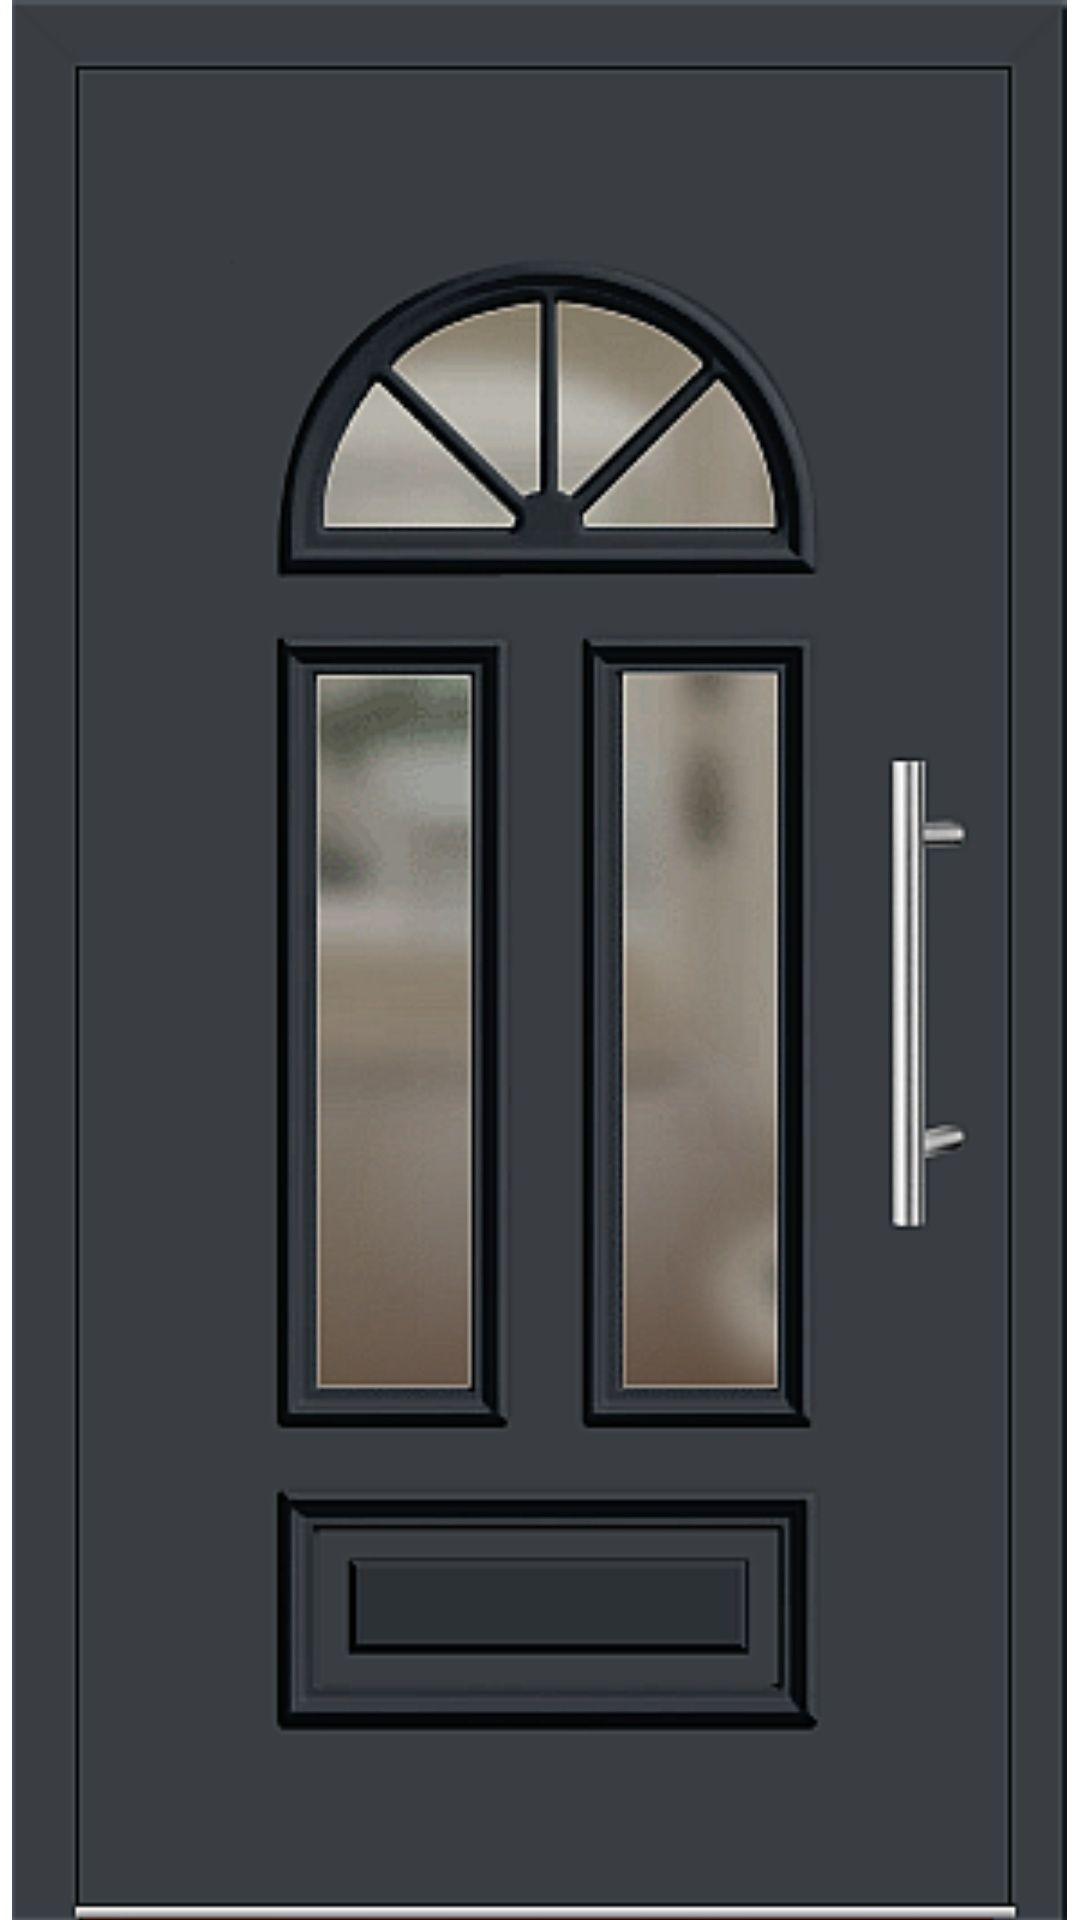 Kunststoff Haustur Modell 6448 25 Anthrazitgrau Hausturen Landhausstil Anthrazit Grau Hauseingangsturen